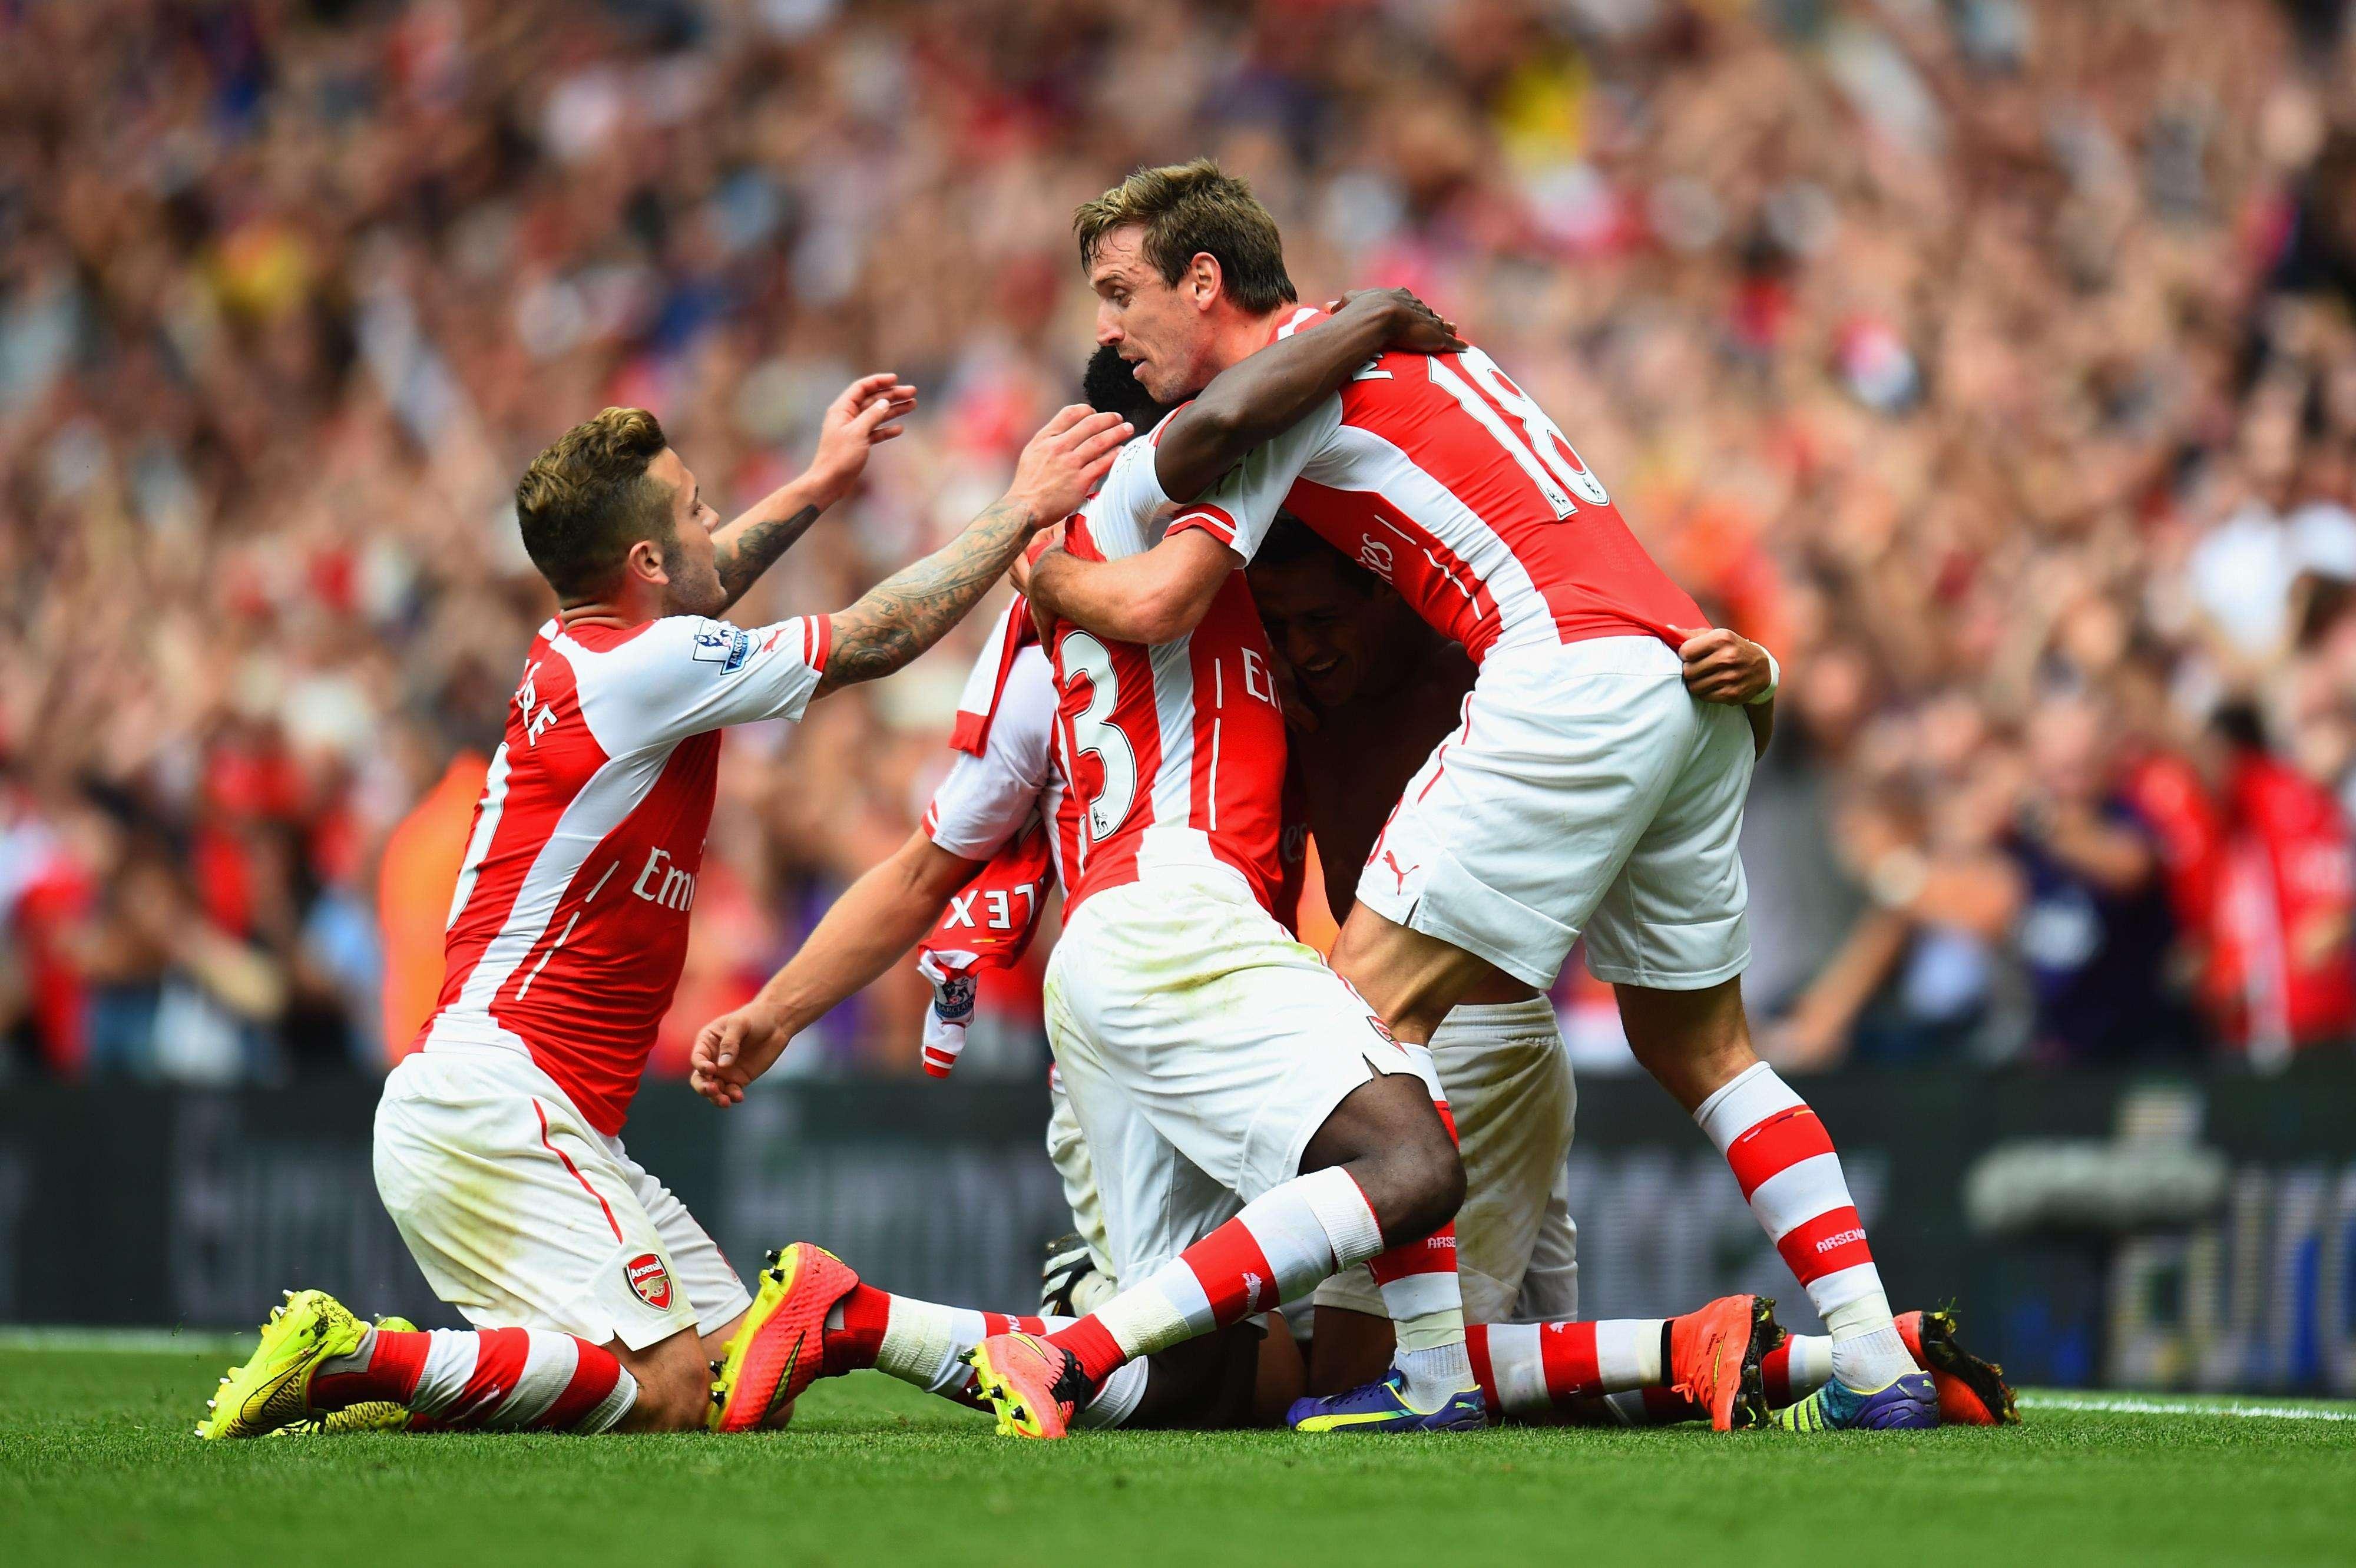 Arsenal y Manchester City juegan en el Emirates Stadium de Londres en acciones correspondientes a la cuarta jornada de la Premier League de Inglaterra, en su temporada 2014-2015 Foto: Getty Images